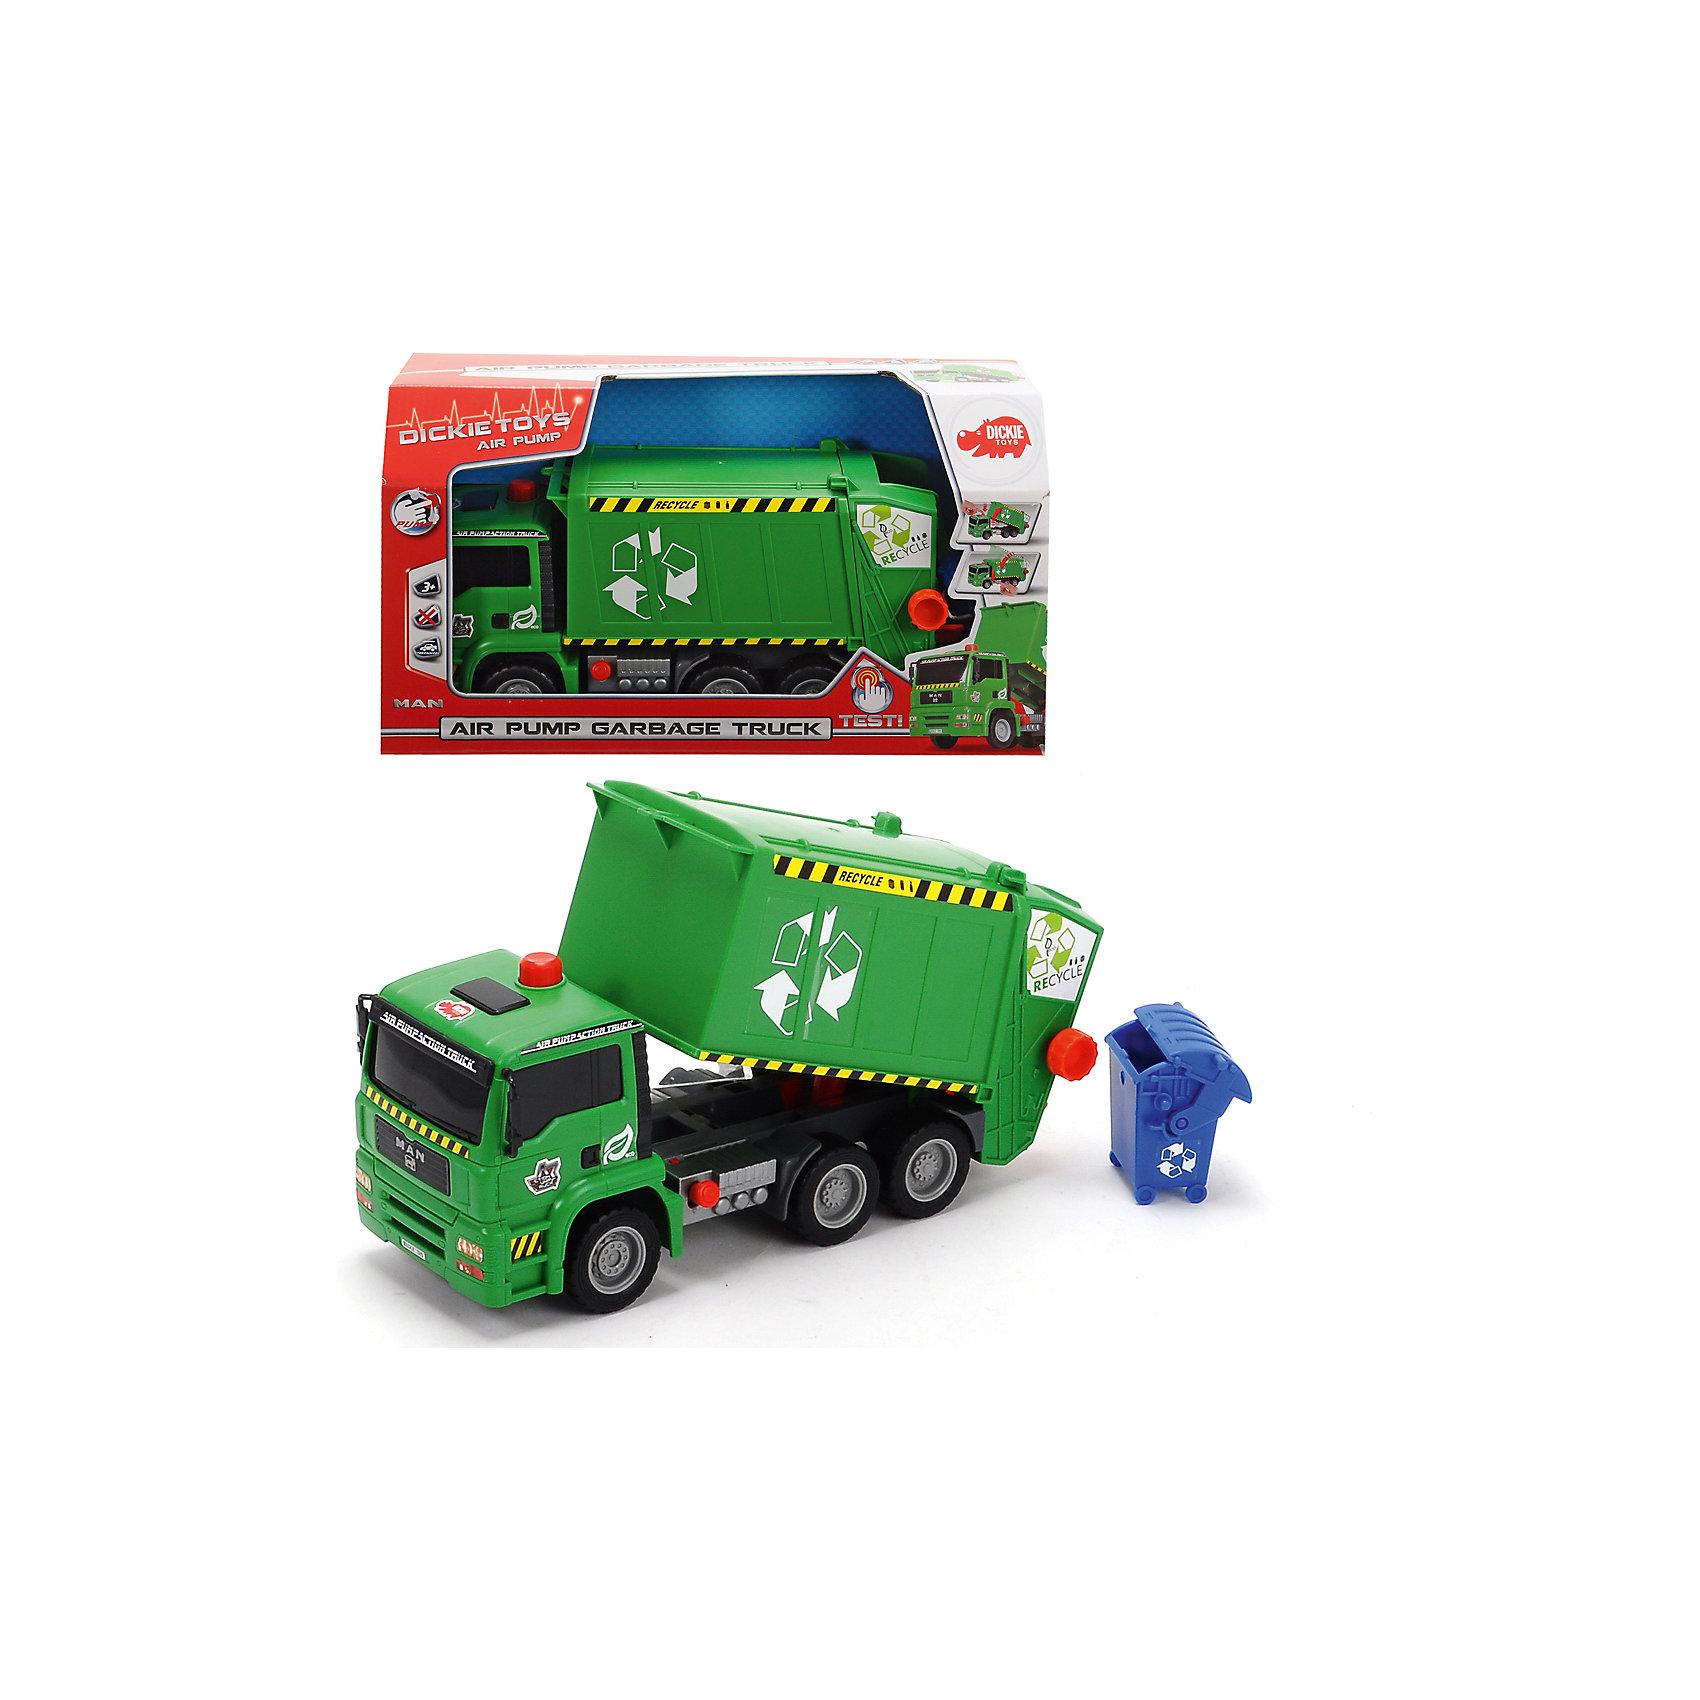 Мусоровоз с контейнером, AiePump, 31см, DickieМашинки<br>Грузовик- мусоровоз займет достойное место в коллекции автомобилей любого мальчишки! Машина прекрасно детализирована, имеет множество реалистичных деталей, очень похожа на настоящий грузовик. Грузовик имеет подвижные колеса с широкими рельефными протекторами, оснащен подъемным кузовом с пневматическим механизмом, который приводится в действие нажатием на специальный рычаг, расположенный на корпусе игрушки. Игрушка выполнена из прочных экологичных материалов, в производстве которых использованы нетоксичные, безопасные красители.   <br><br>Дополнительная информация:<br><br>- Материал: пластик, металл.<br>- Размер: 31 см.<br>- Подвижные колеса.<br>- Кузов поднимается и опускается с помощью пневматического механизма Air Pump.<br><br>Мусоровоз с контейнером, AiePump, 31см, Dickie (Дикки), можно купить в нашем магазине.<br><br>Ширина мм: 348<br>Глубина мм: 135<br>Высота мм: 200<br>Вес г: 600<br>Возраст от месяцев: 36<br>Возраст до месяцев: 84<br>Пол: Мужской<br>Возраст: Детский<br>SKU: 4048275